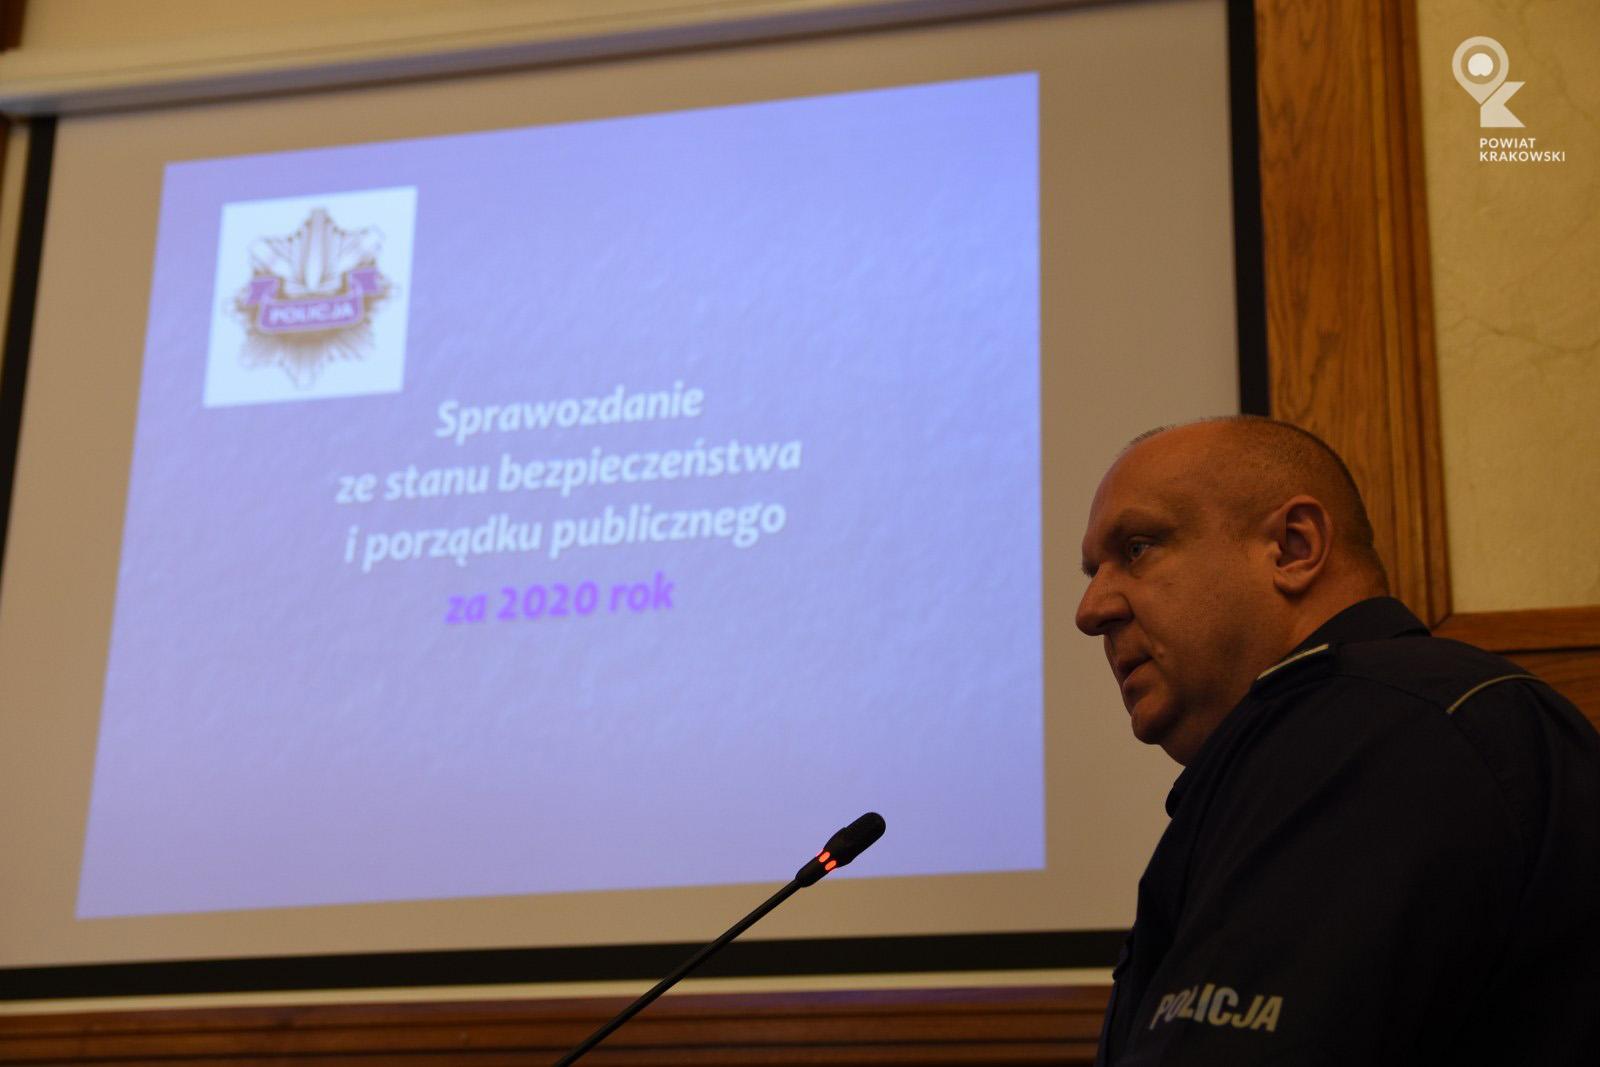 Widok ekranu prezentacyjnego, przed nim po prawej Powiatowy Komendant Policji